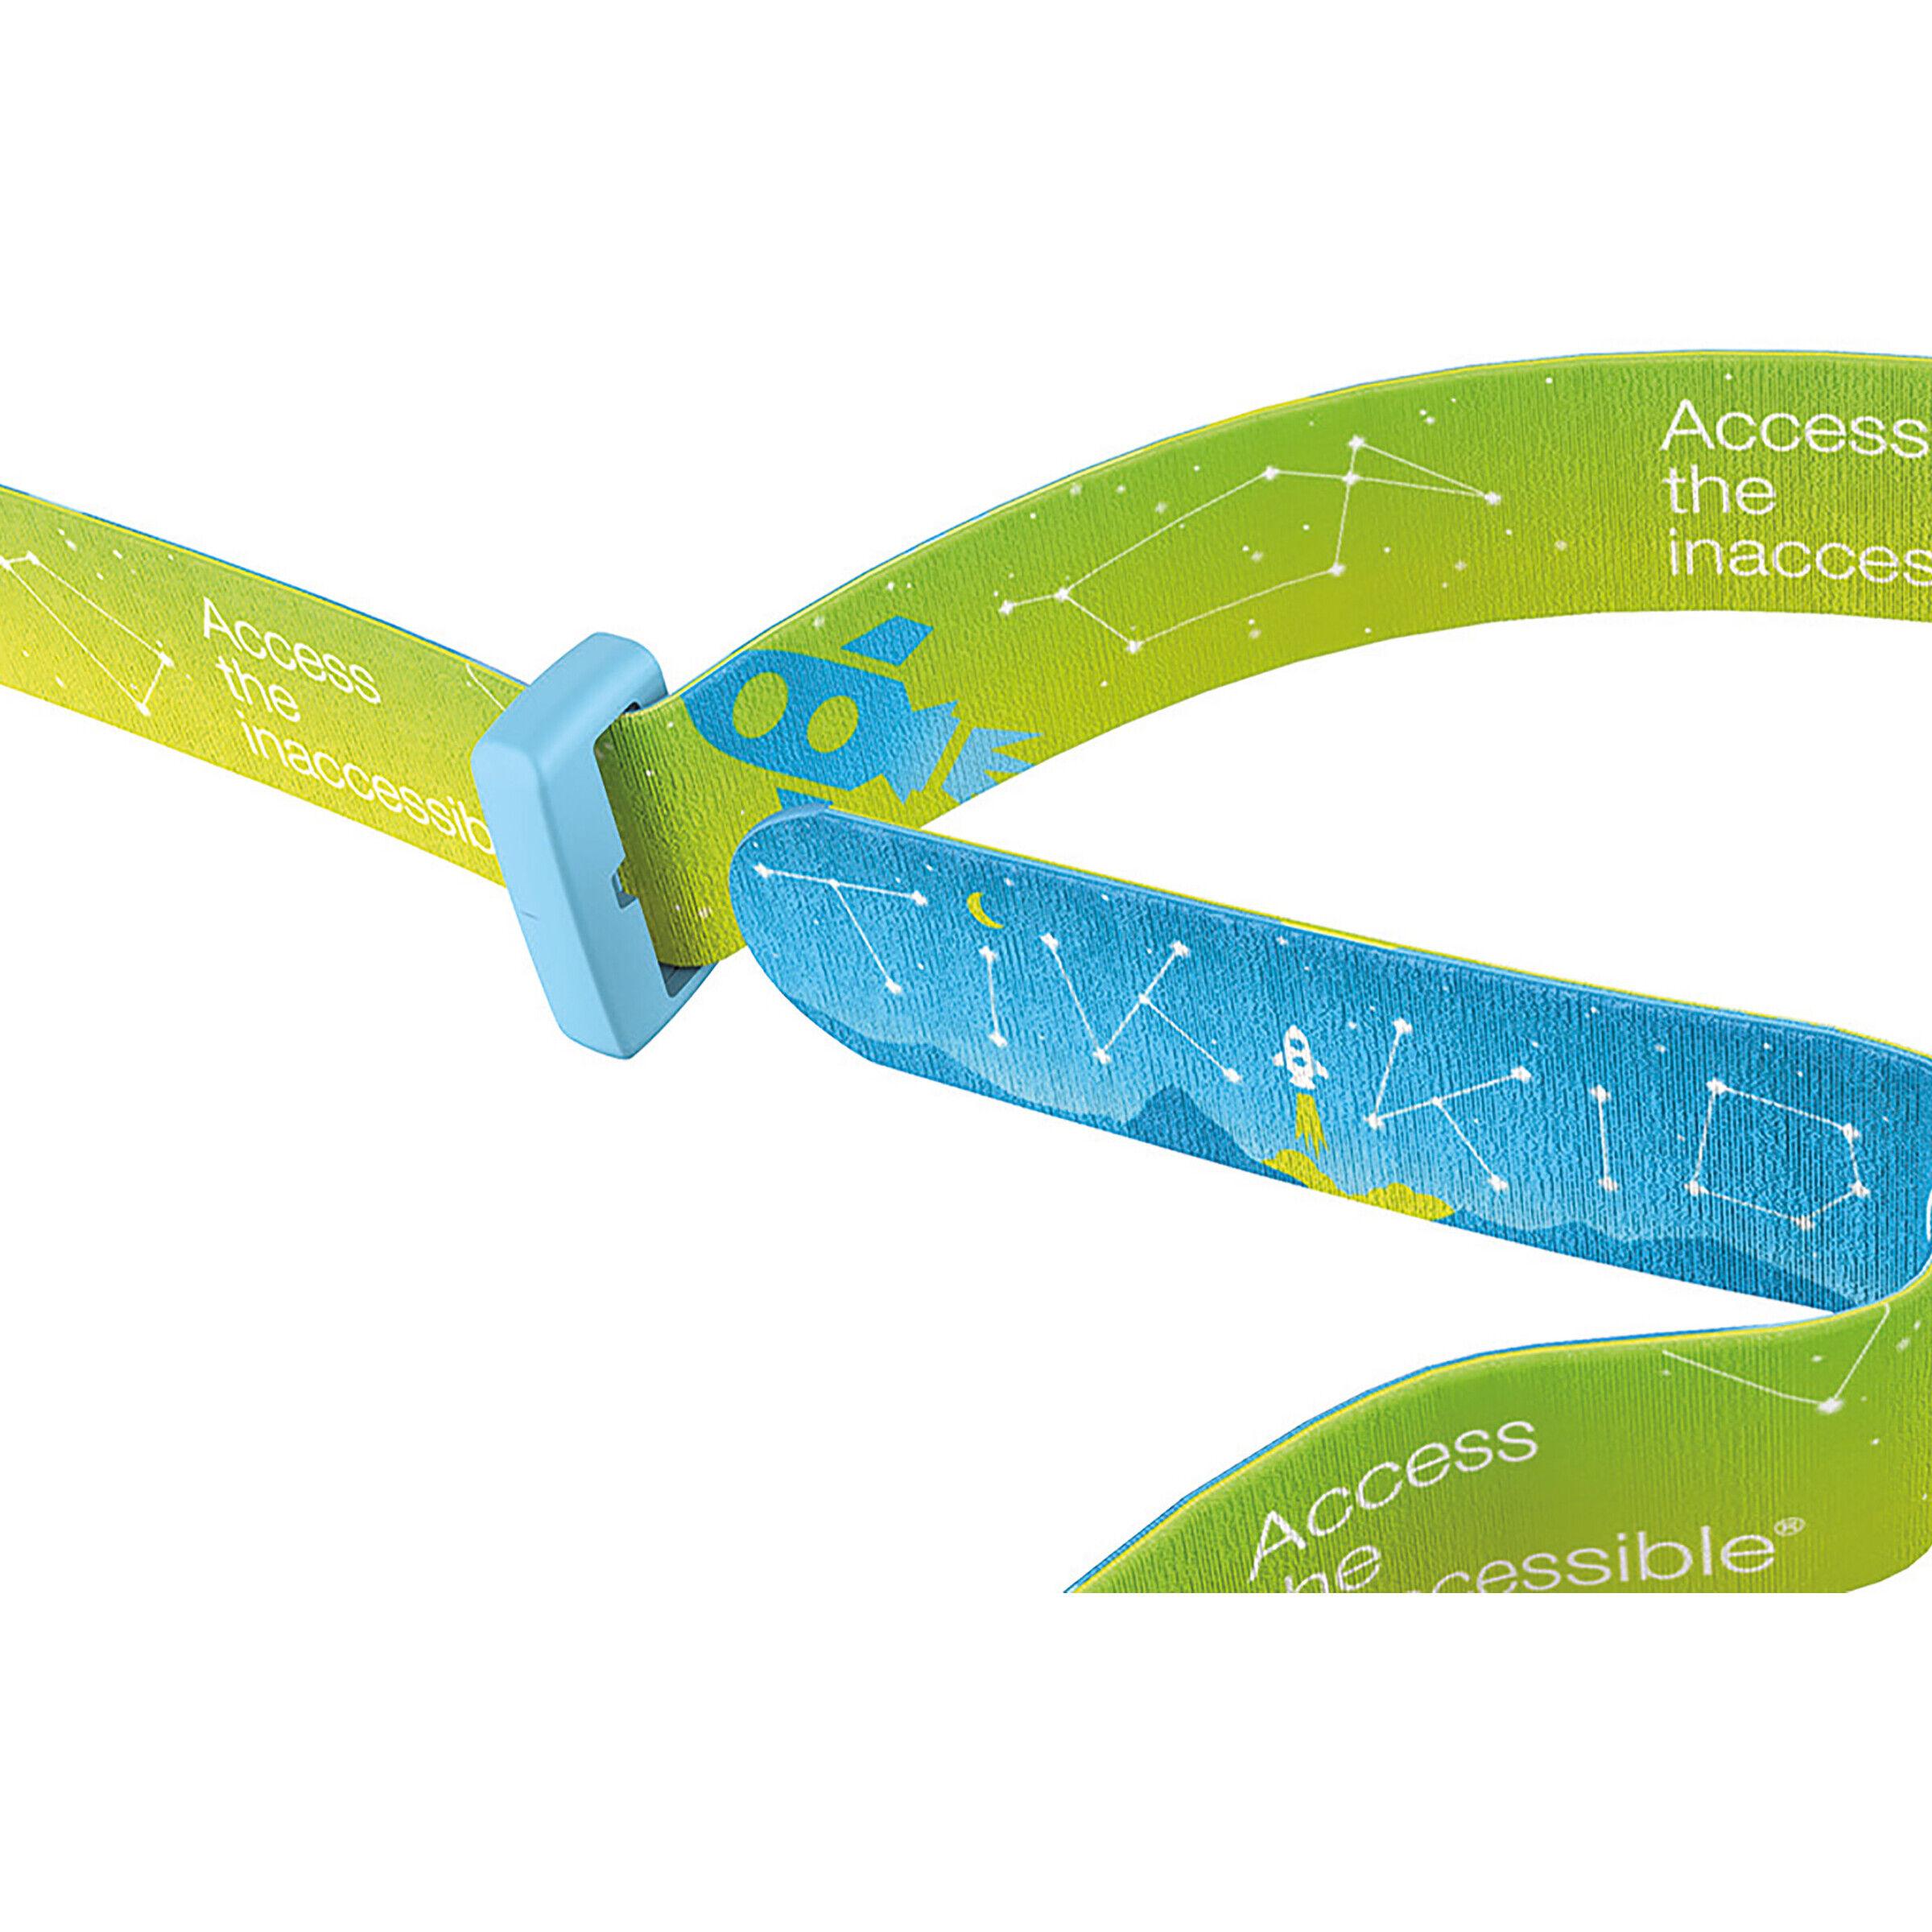 Petzl Led Kinder-Stirnlampe TIKKID Blau inkl 20 Lumen 3 x AAA Batterien max